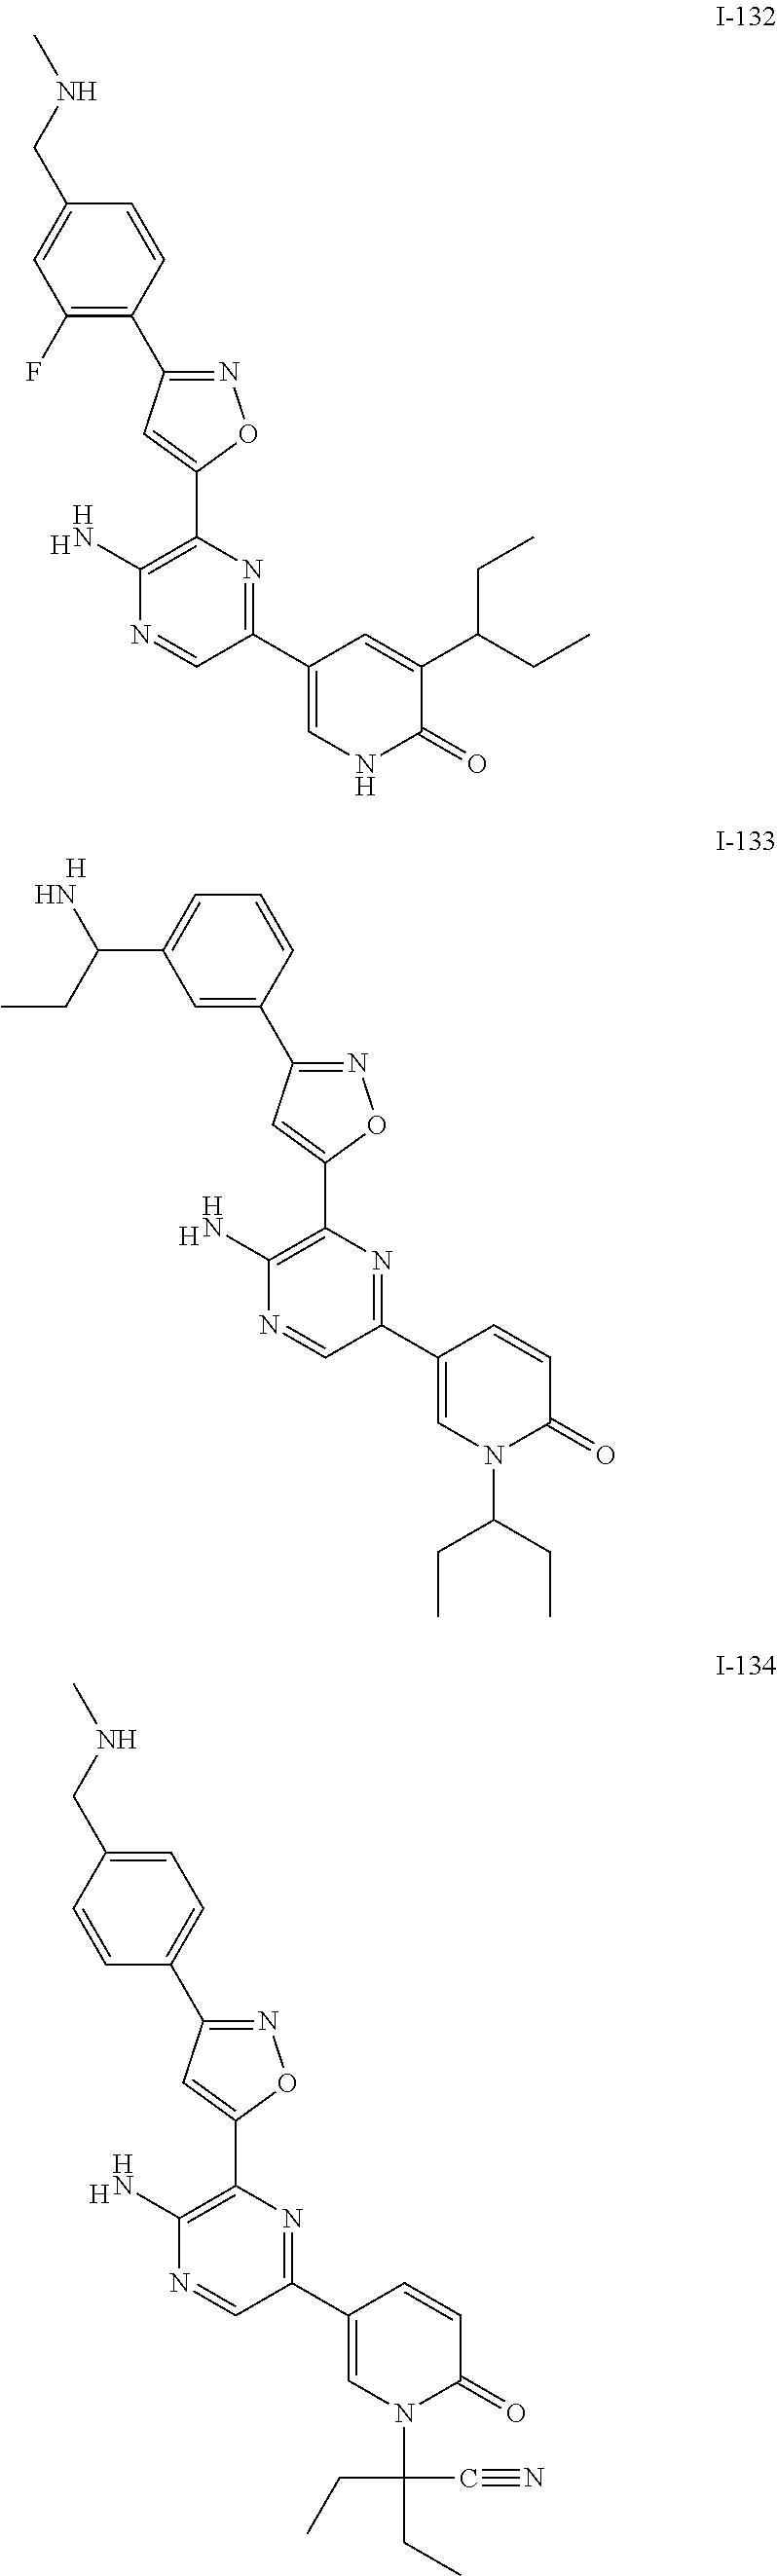 Figure US09630956-20170425-C00263